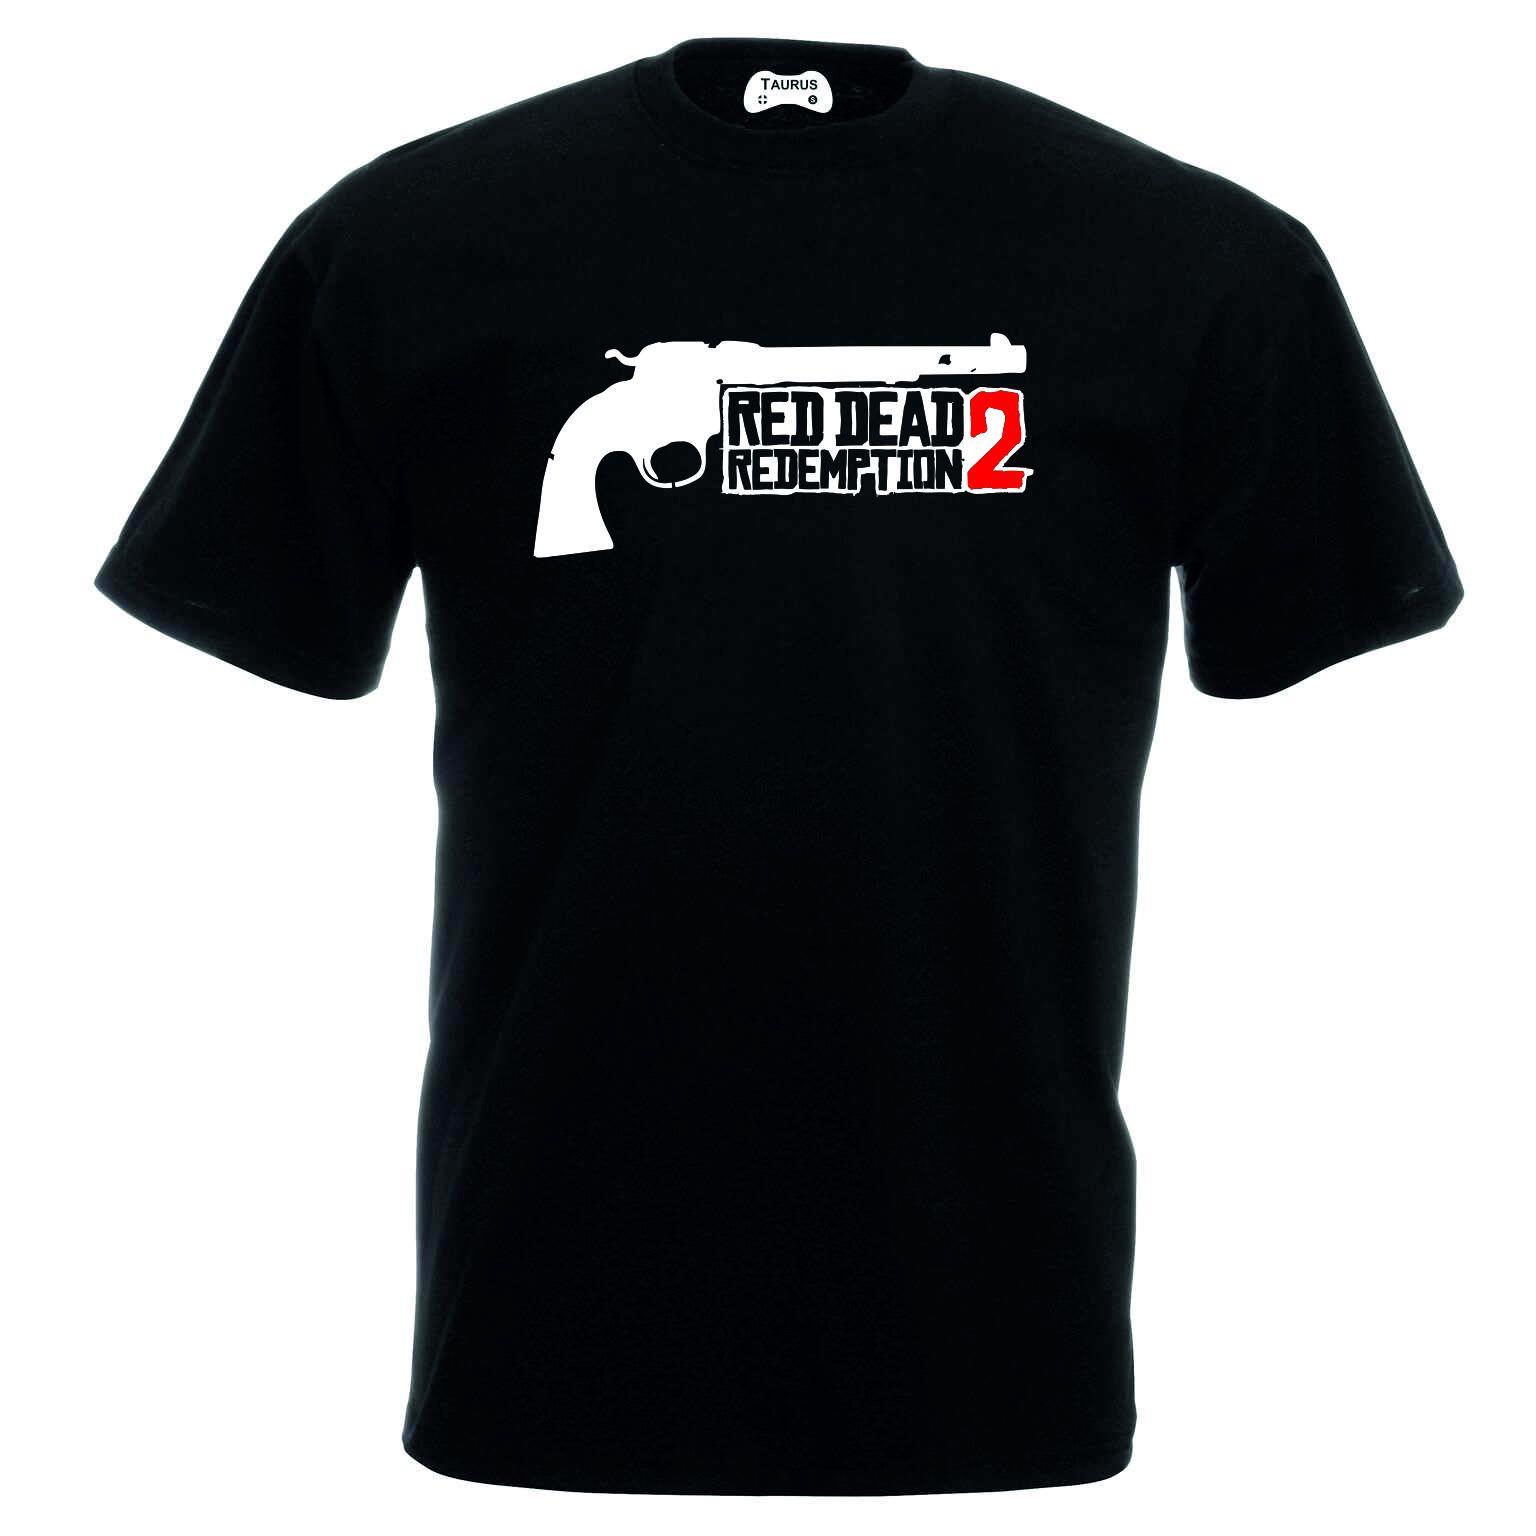 Red Dead Redemption 2 T-Shirt Gun